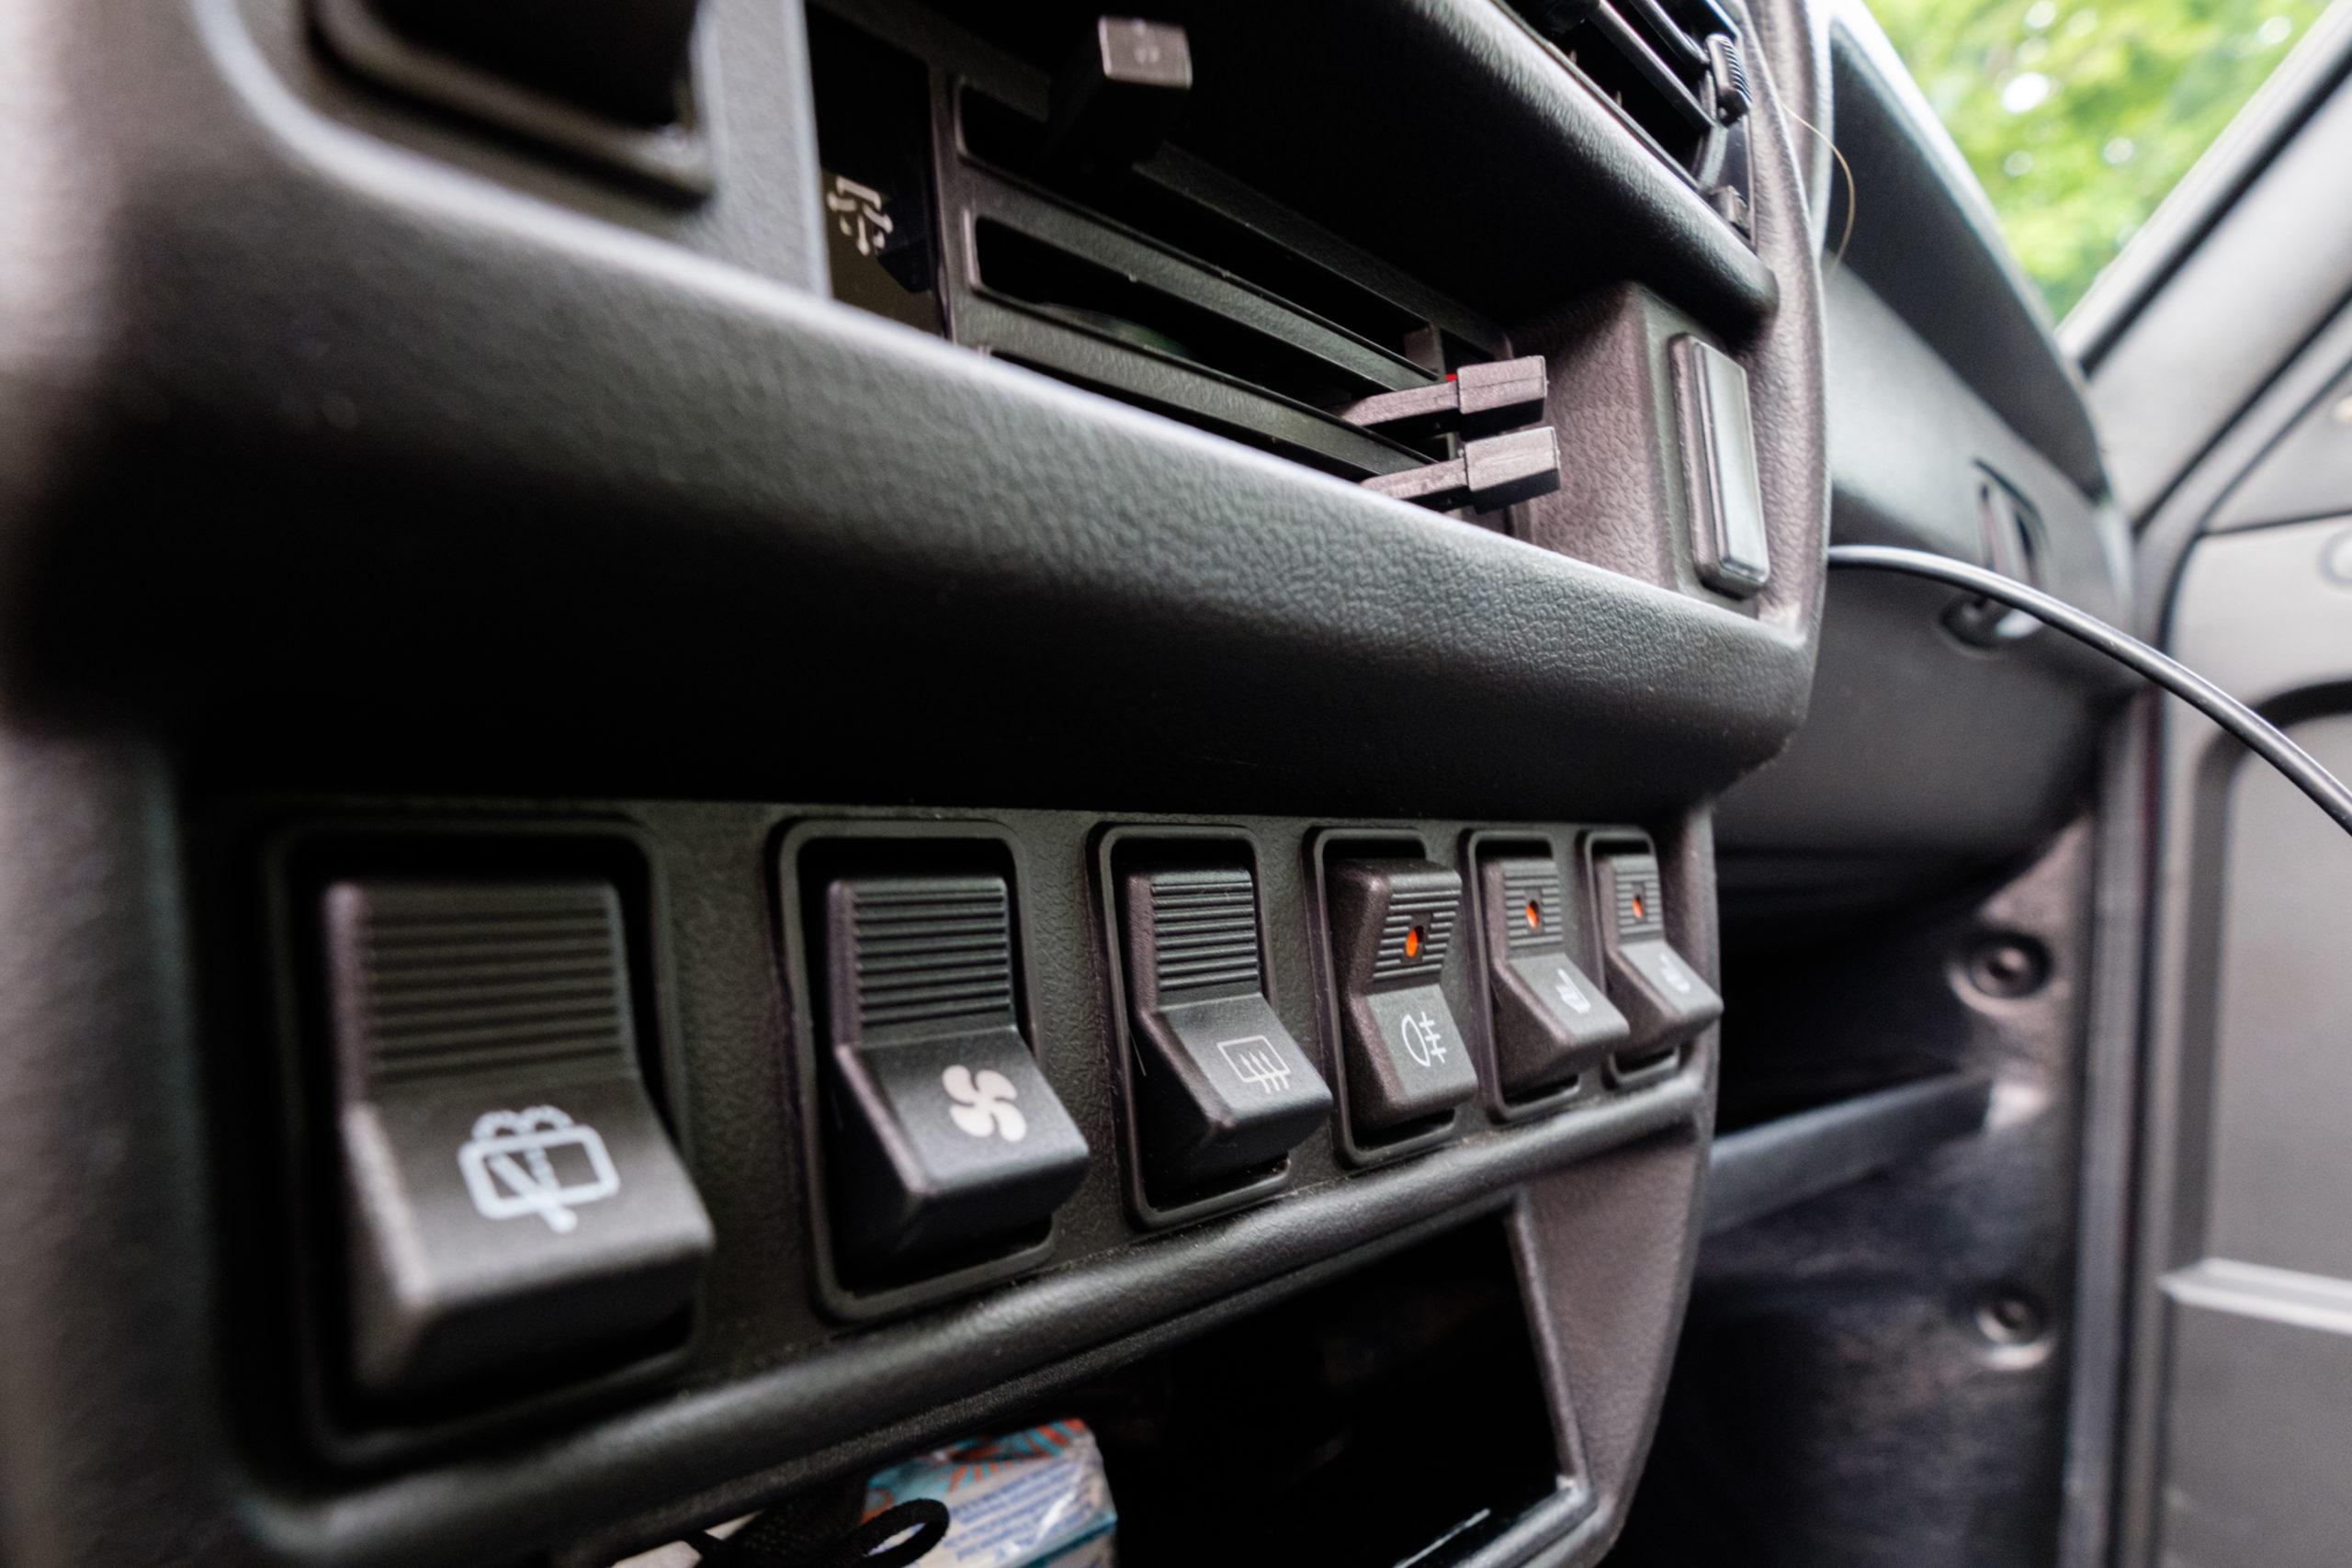 Dicke Kippschalter für alle Funktionen des Fahrzeugs